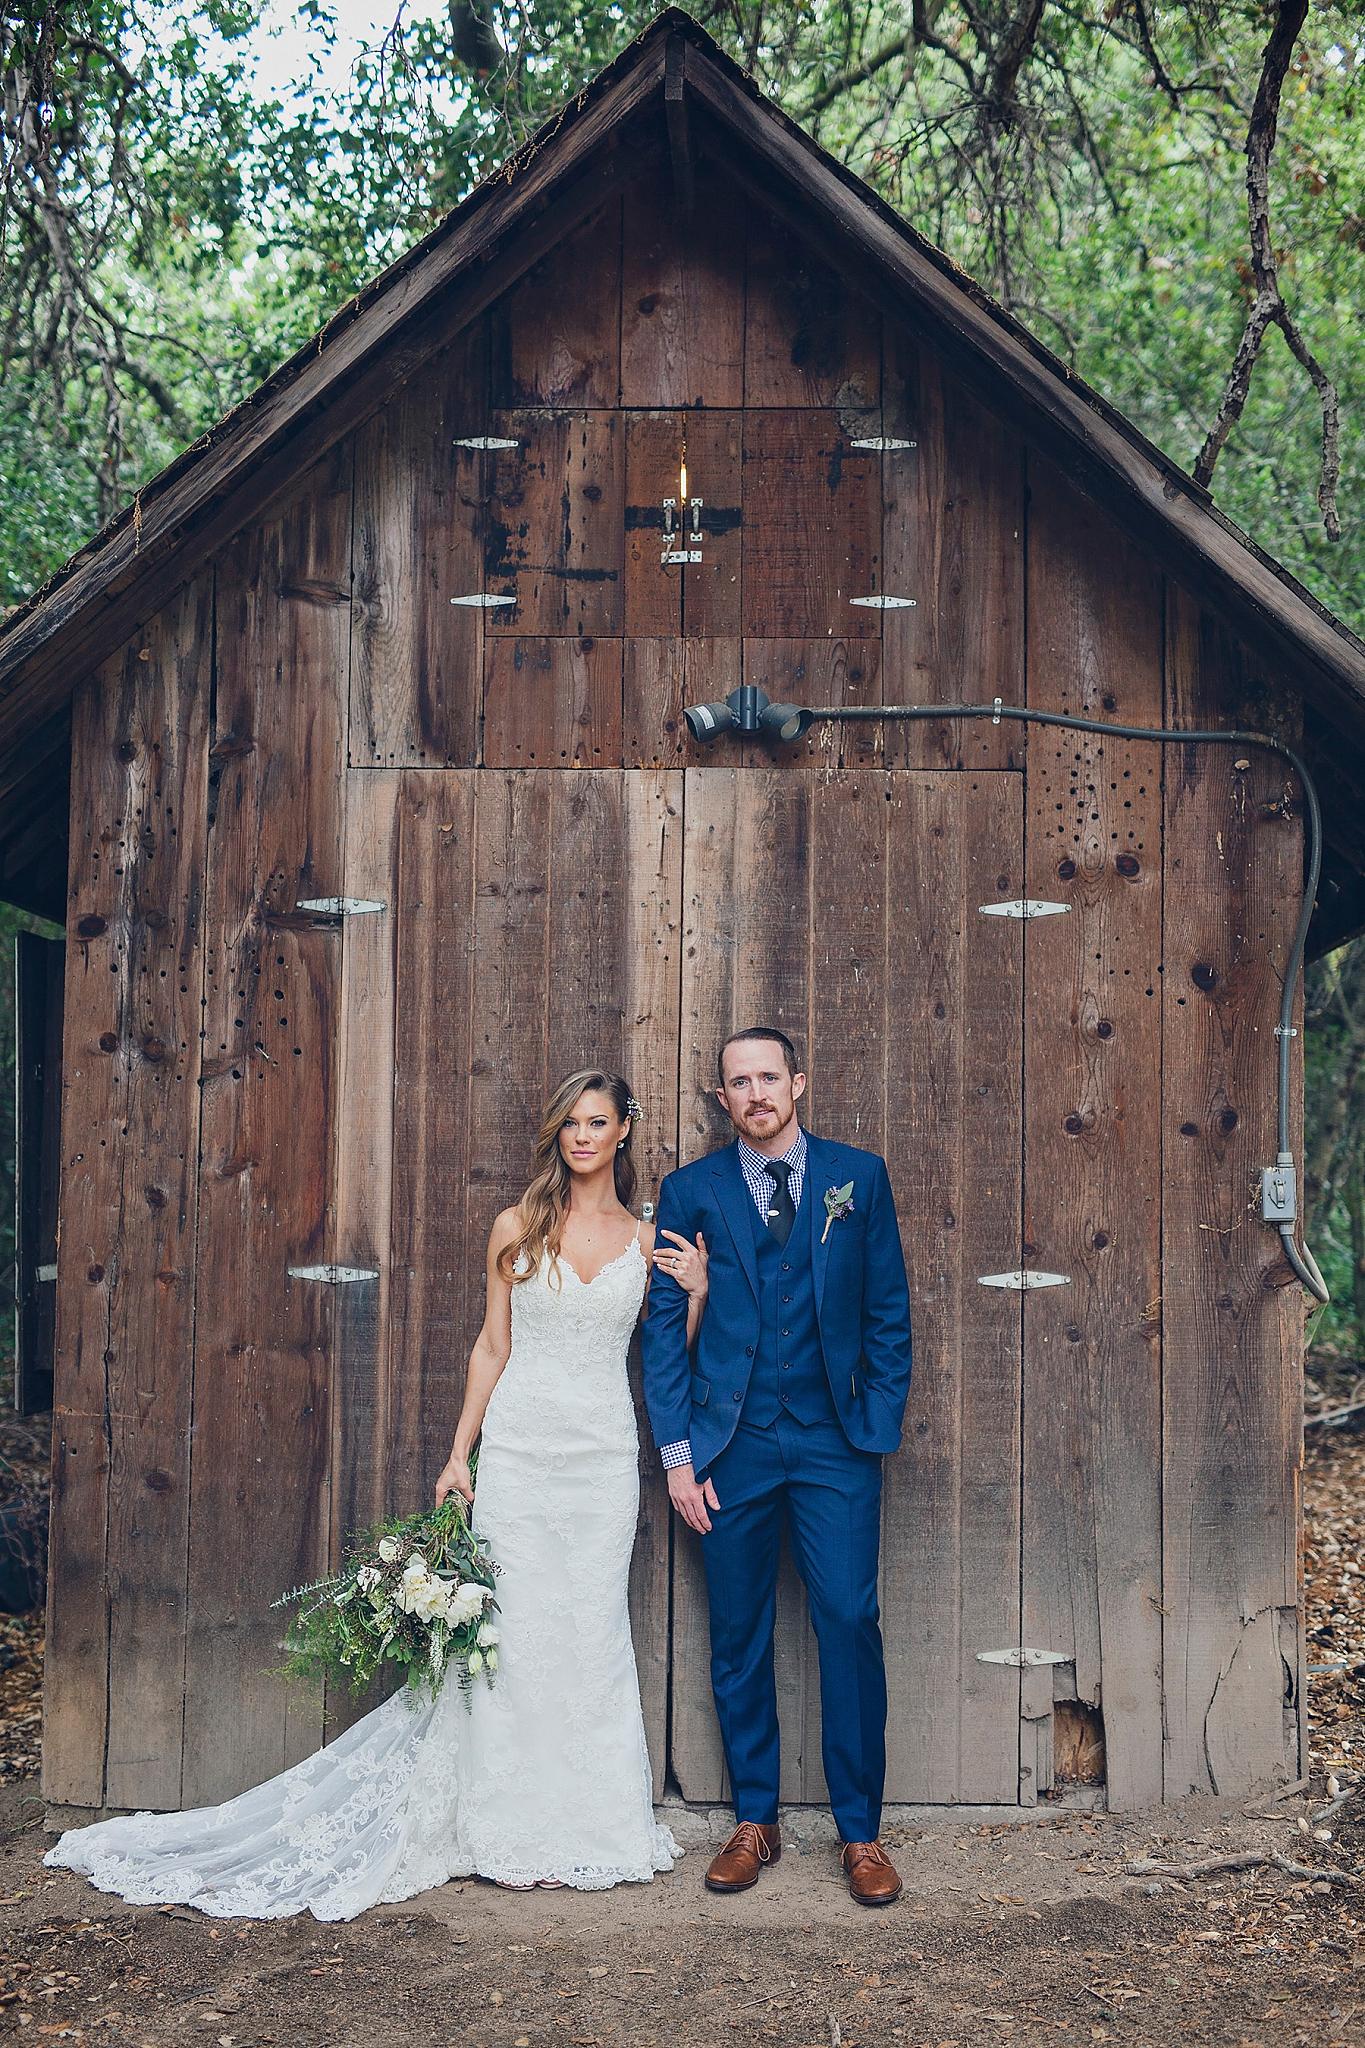 结婚祝福语经典诗句八字 长辈给晚辈的新婚贺词